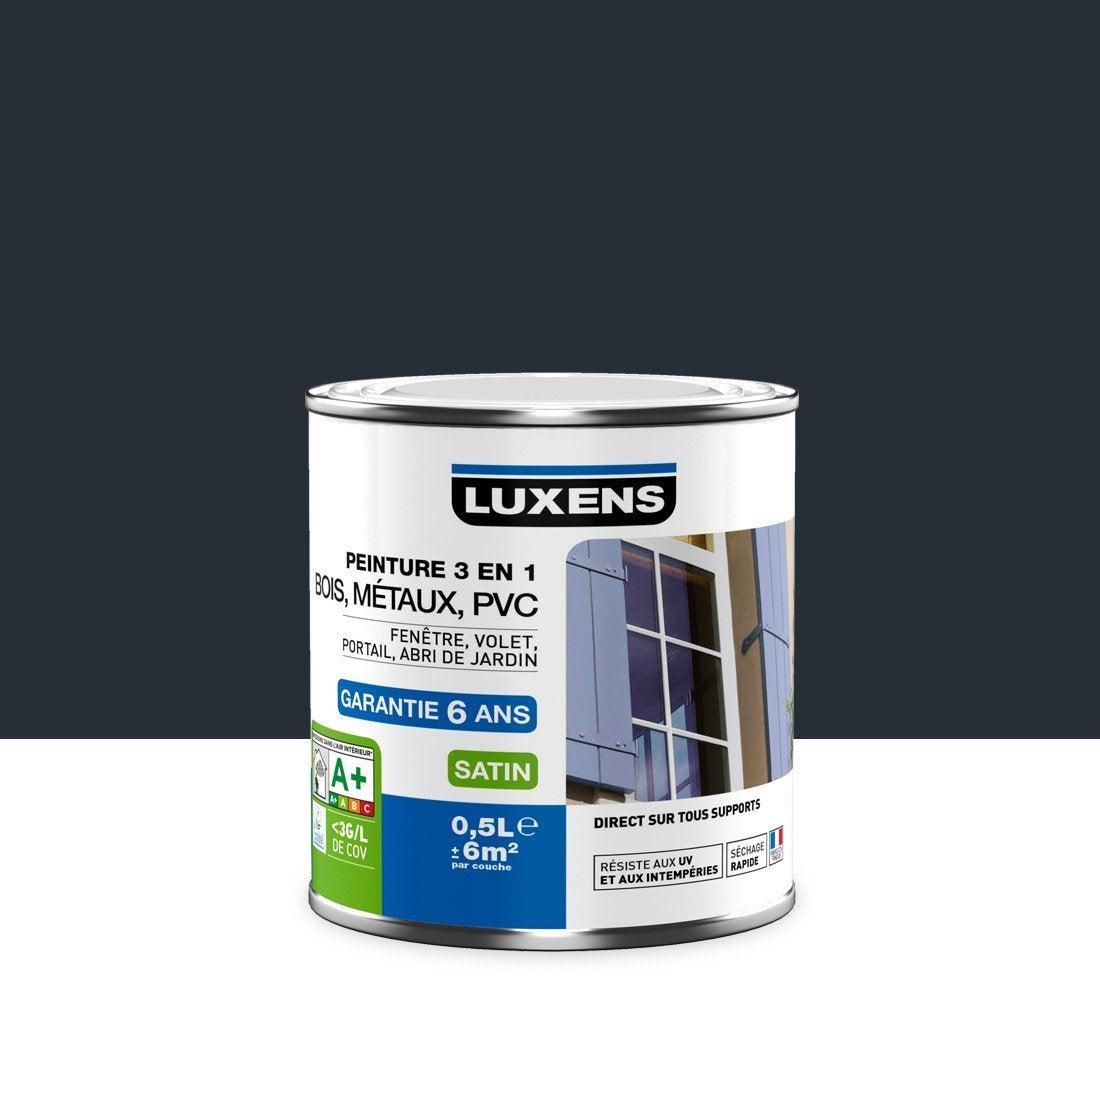 merveilleux Peinture multimatériau extérieur 3 en 1 LUXENS, gris anthracite, 0.5 l